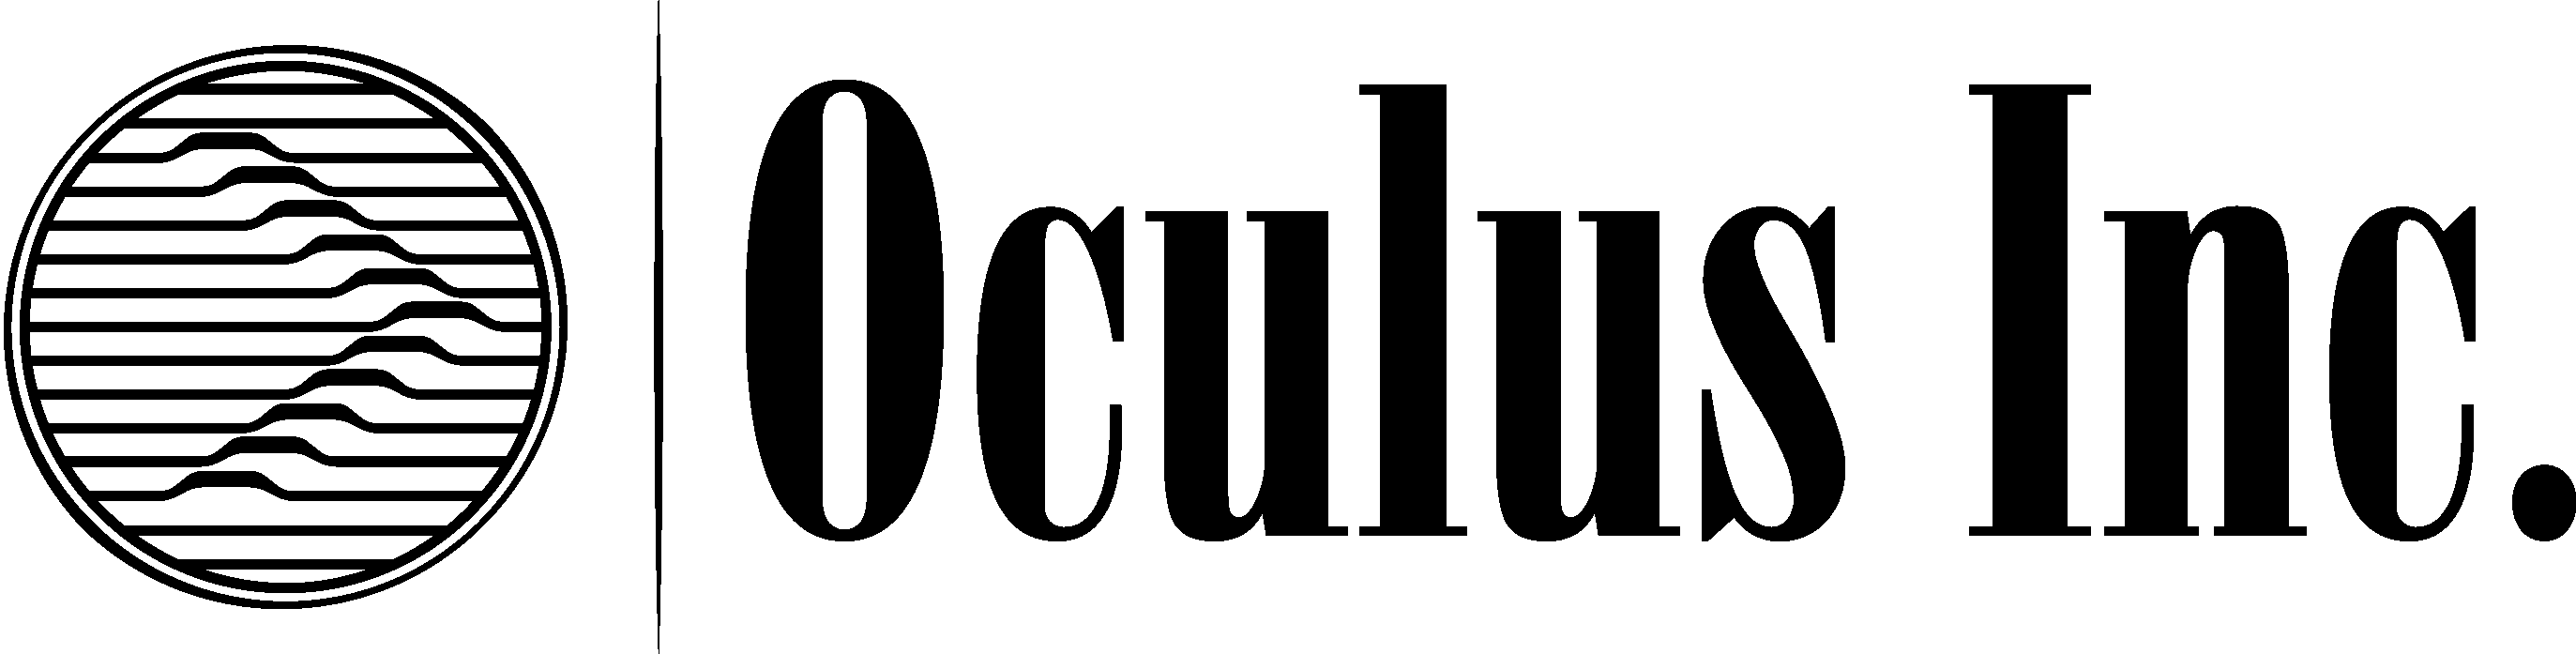 oculus logo